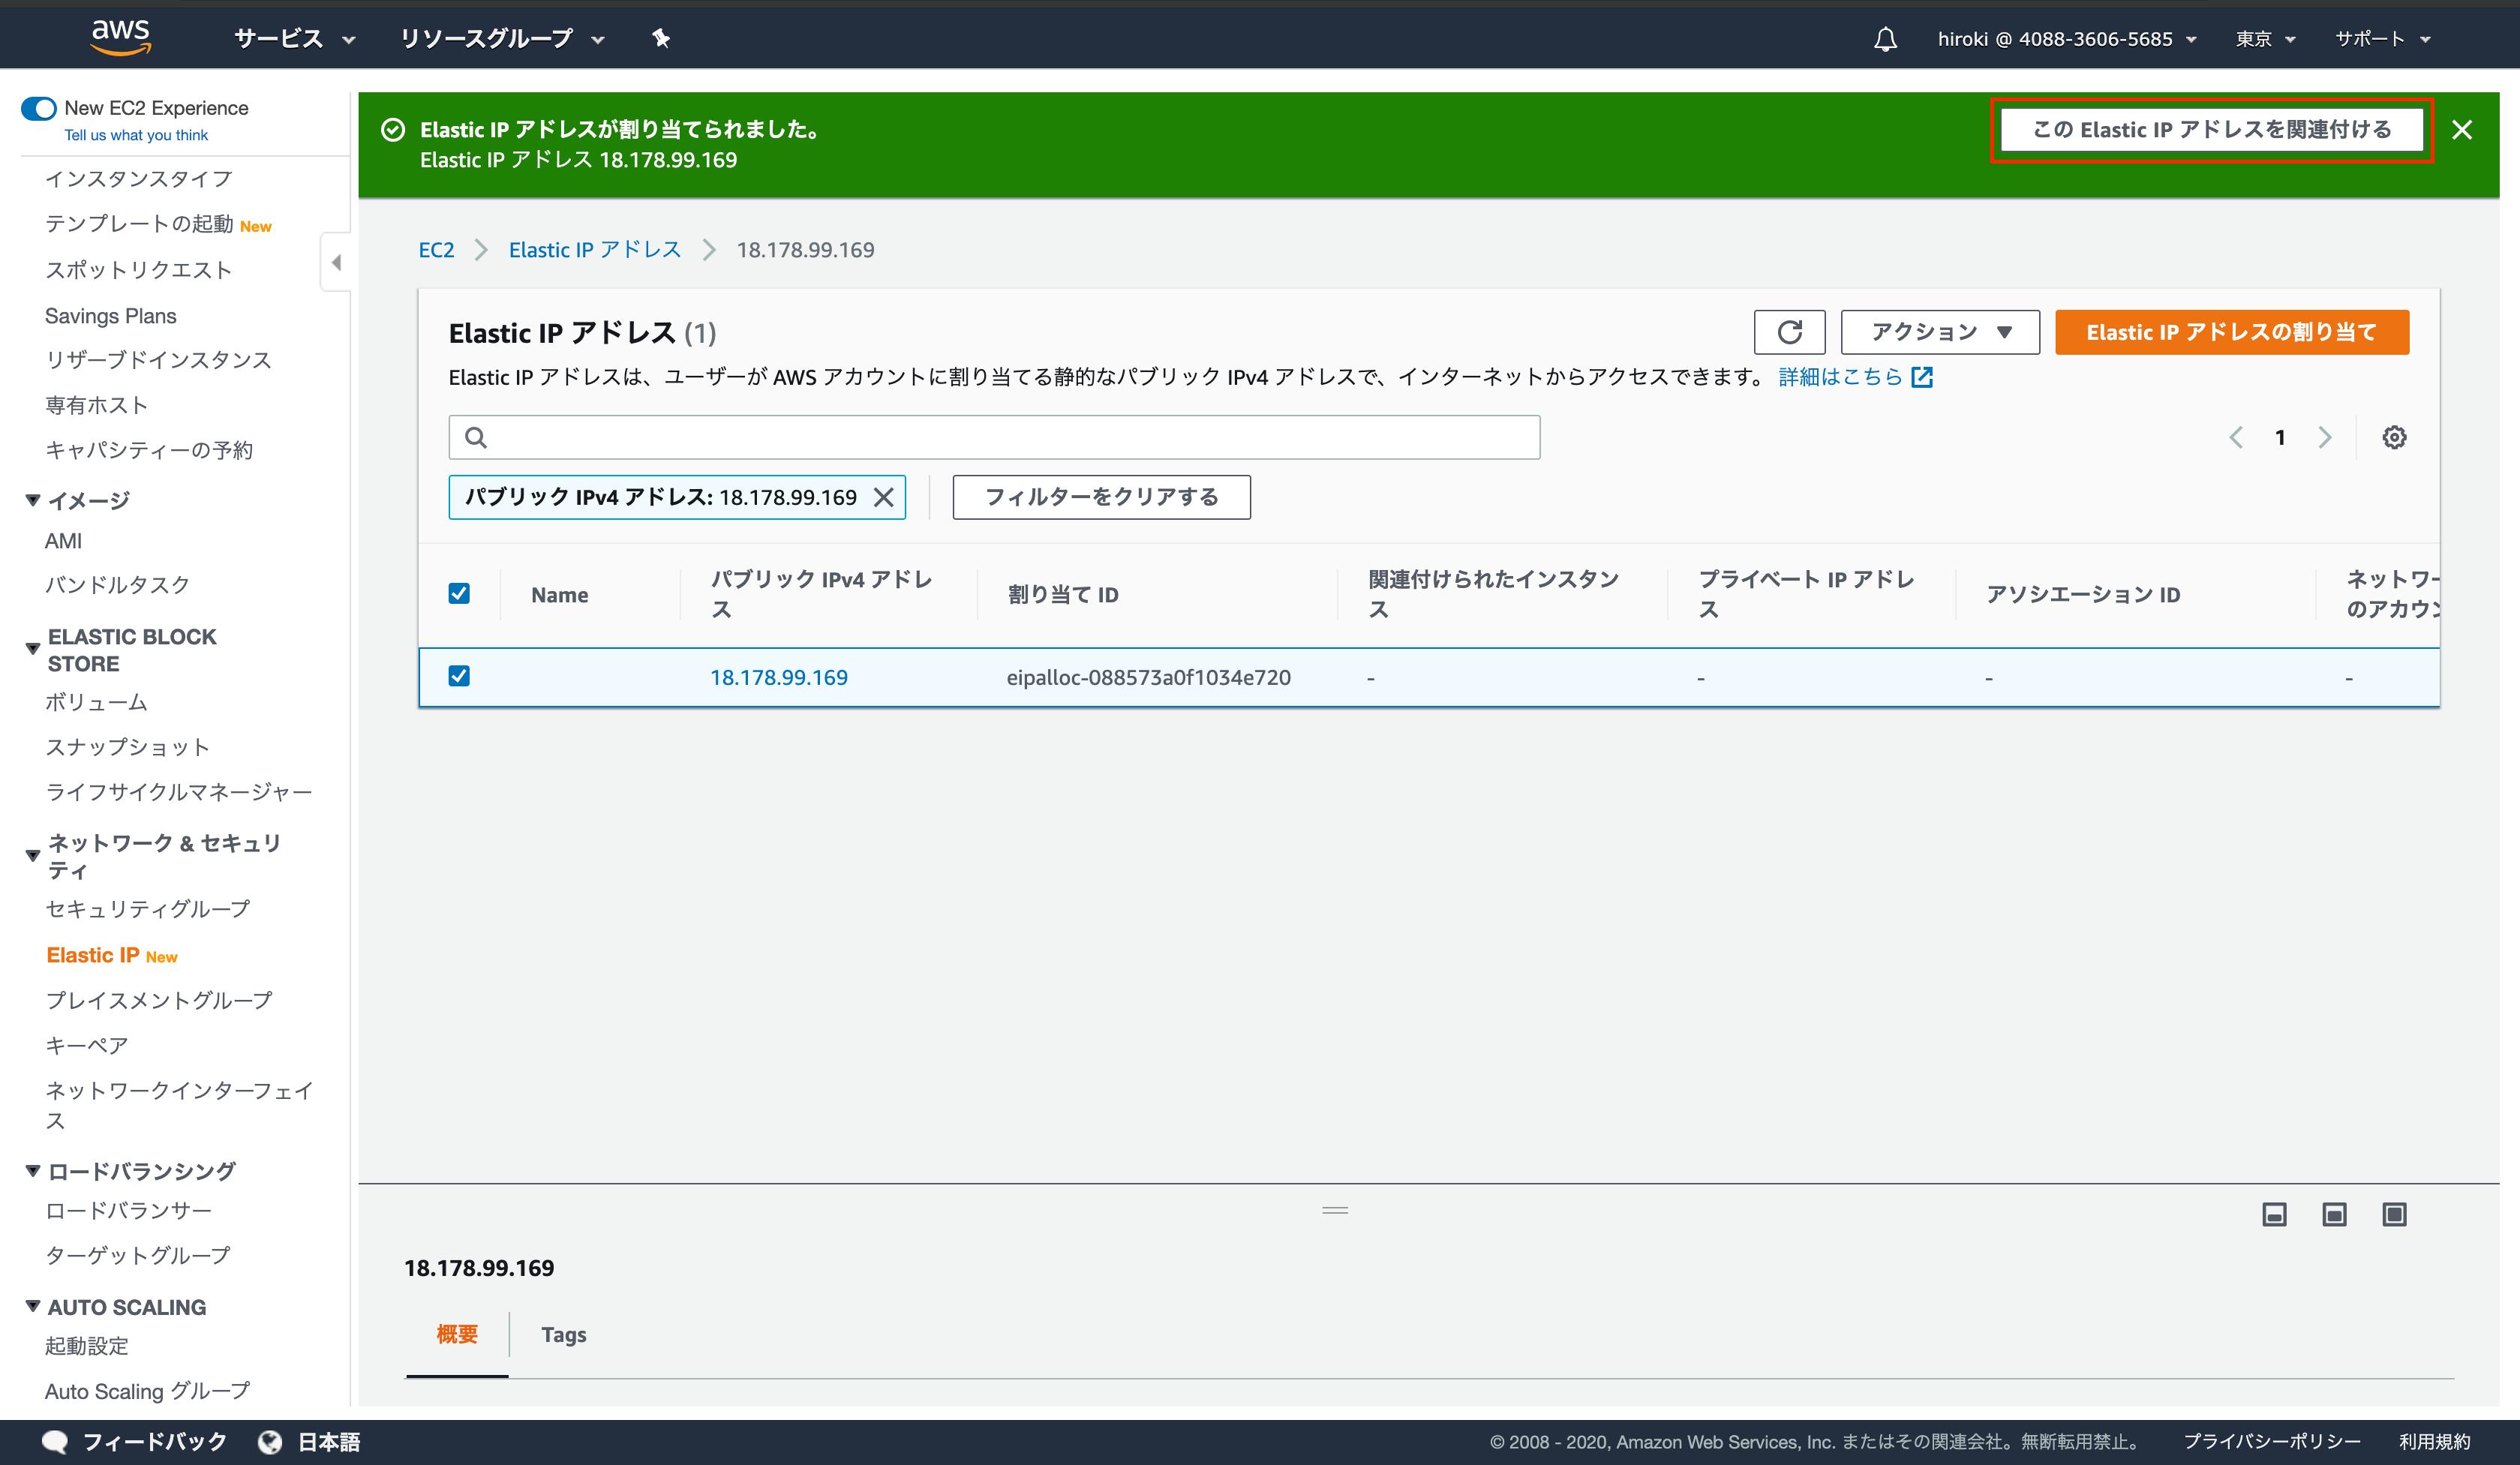 スクリーンショット 2020-01-19 14.44.49.png